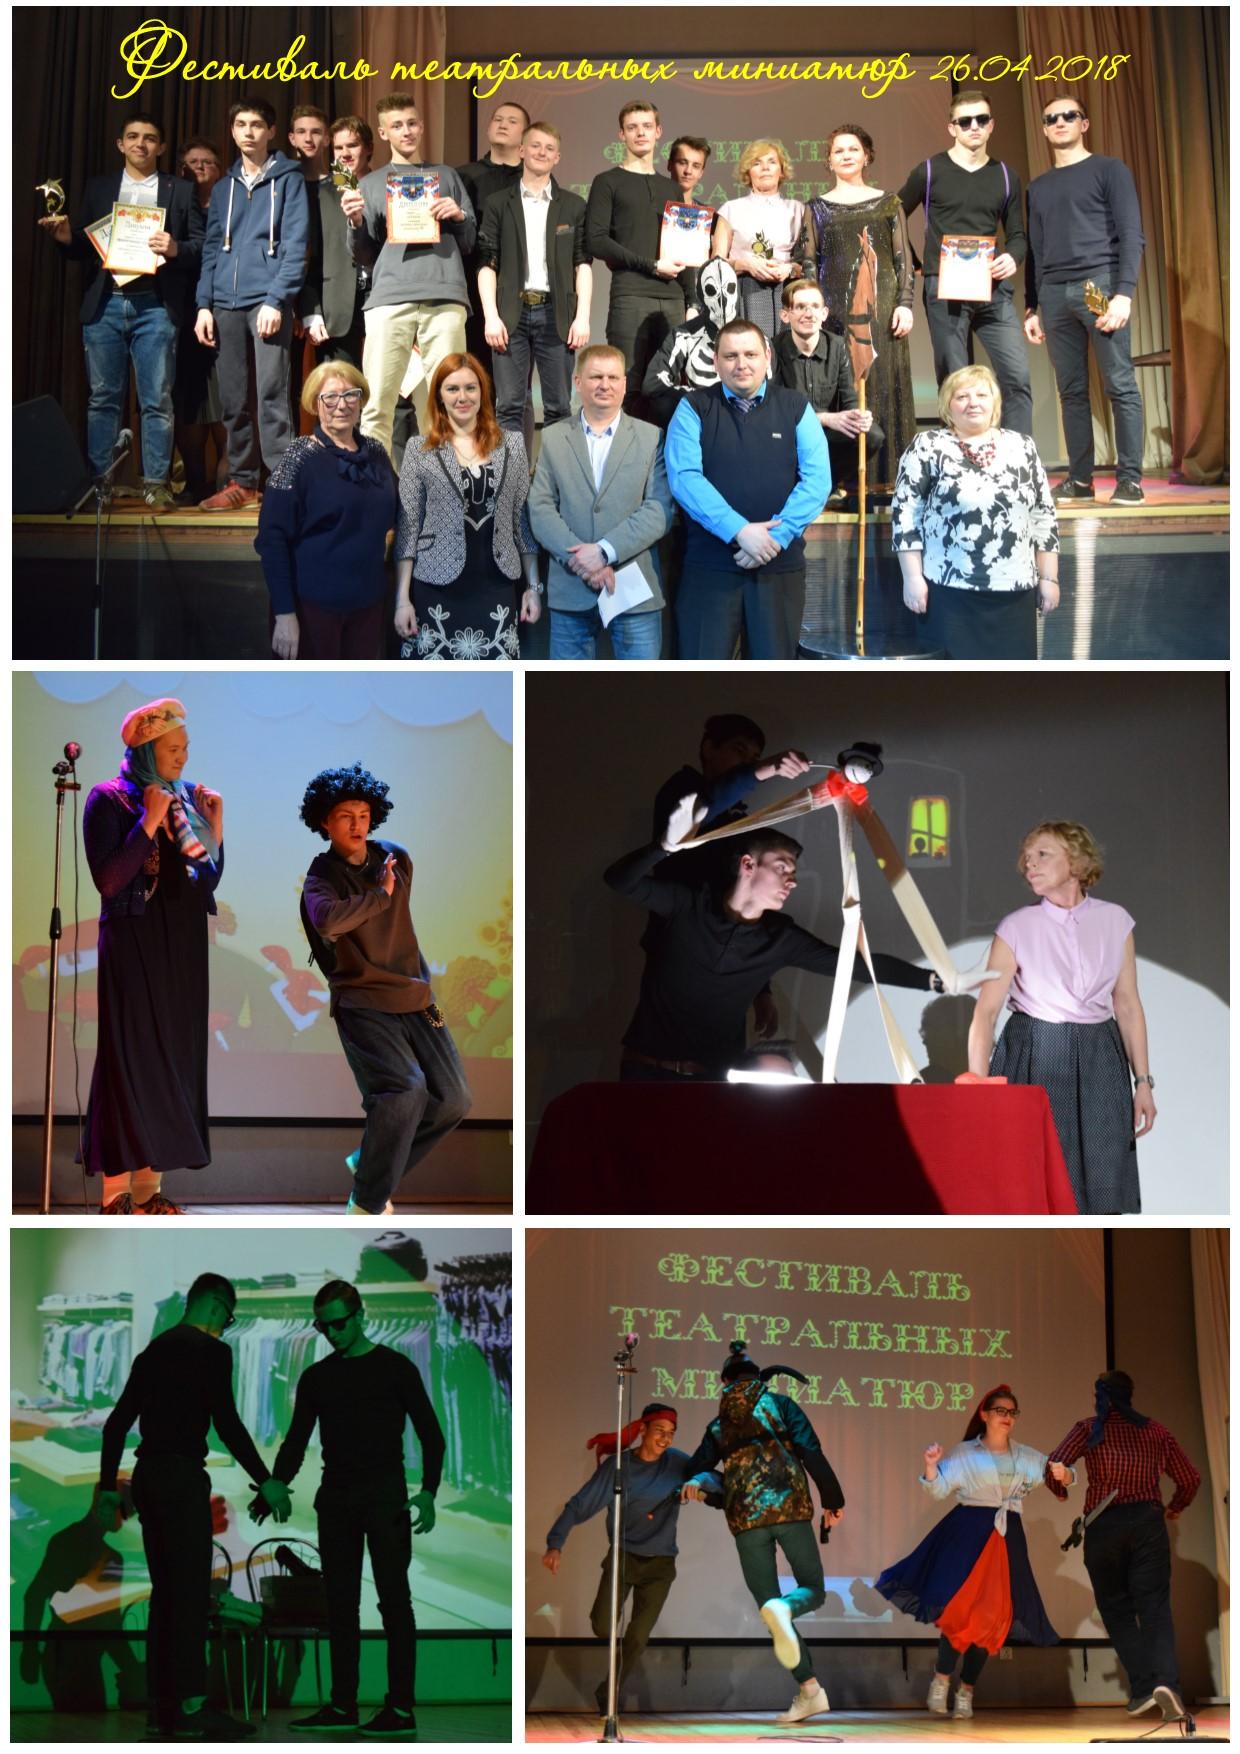 Фестиваль театральных миниатюр 26.04.2018